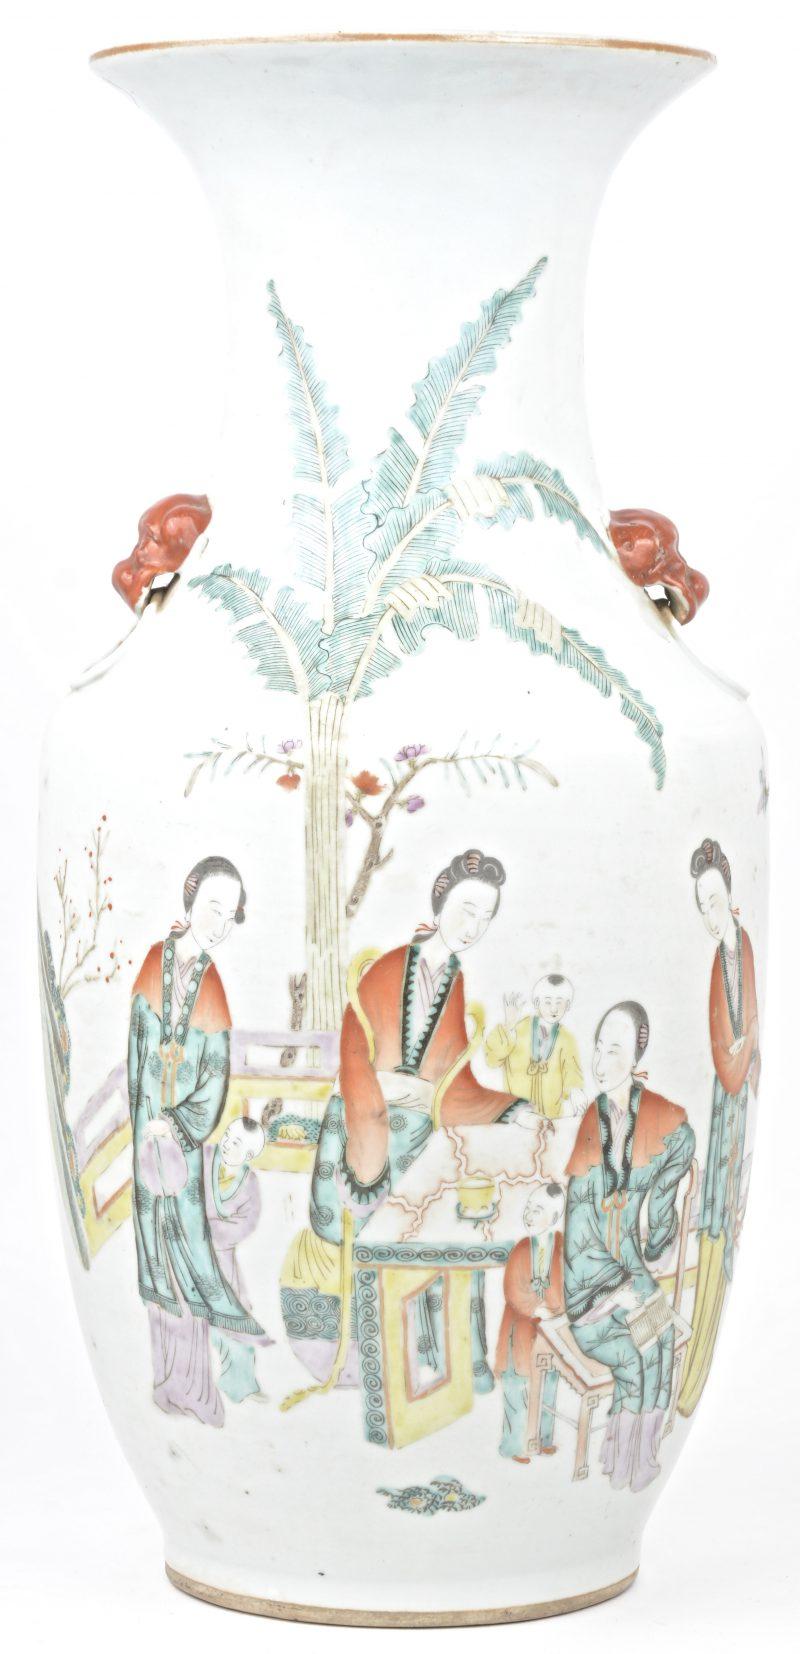 Een balustervaas van Chinees porselein met een meerkleurig decor van personages in een tuin.